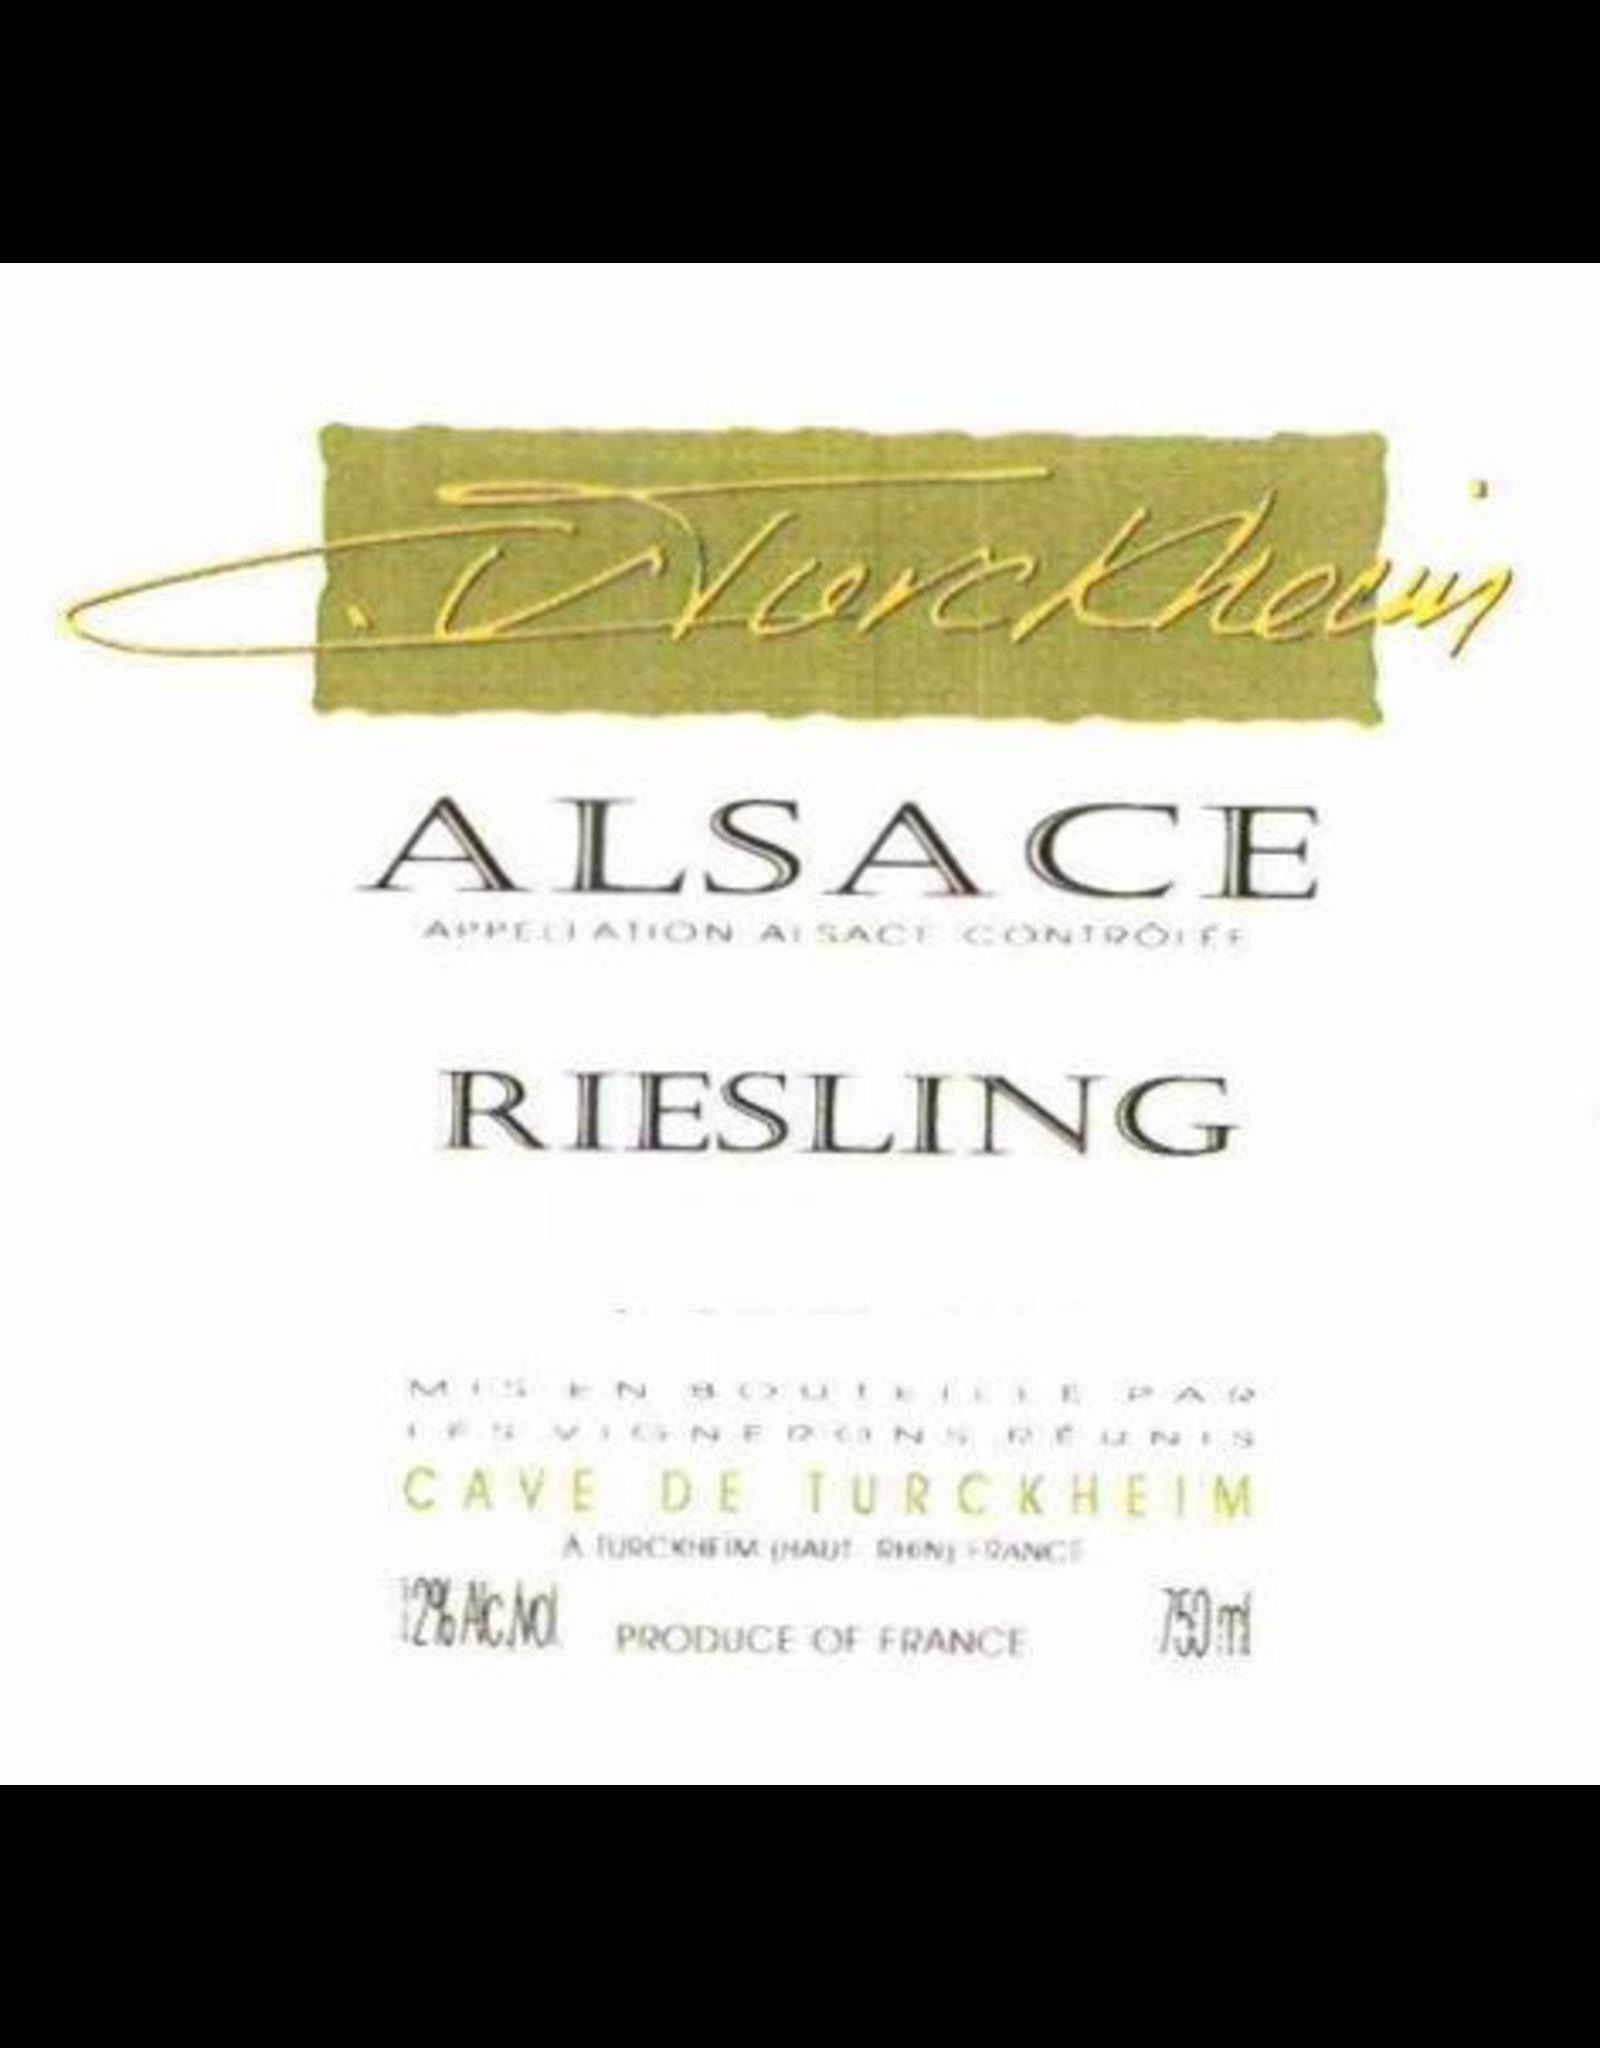 White Wine 2011, Cave de Turckheim, Riesling, Alsace, Alsace, France, 13% Alc, CTnr, TW90